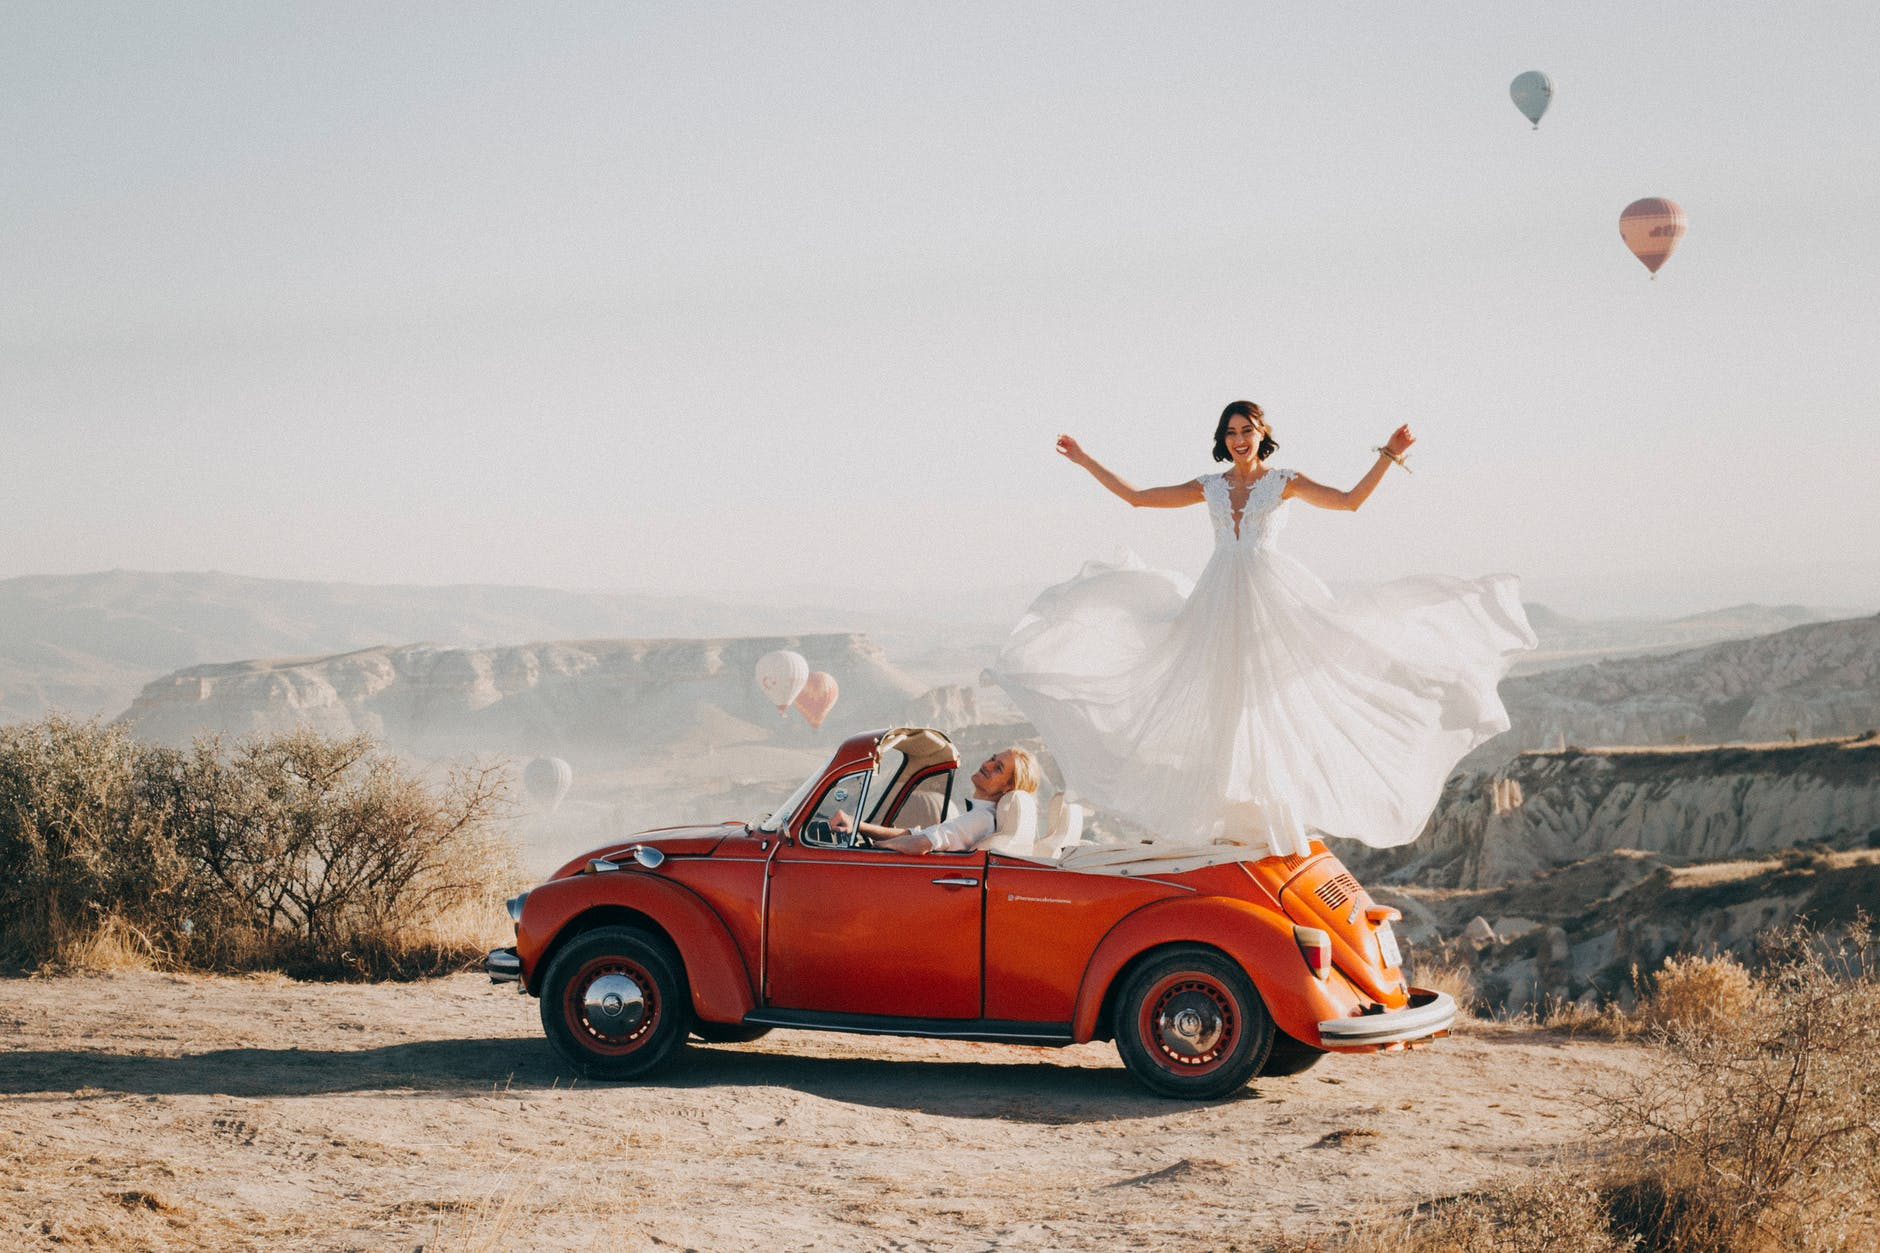 woman standing on volkswagen beetle